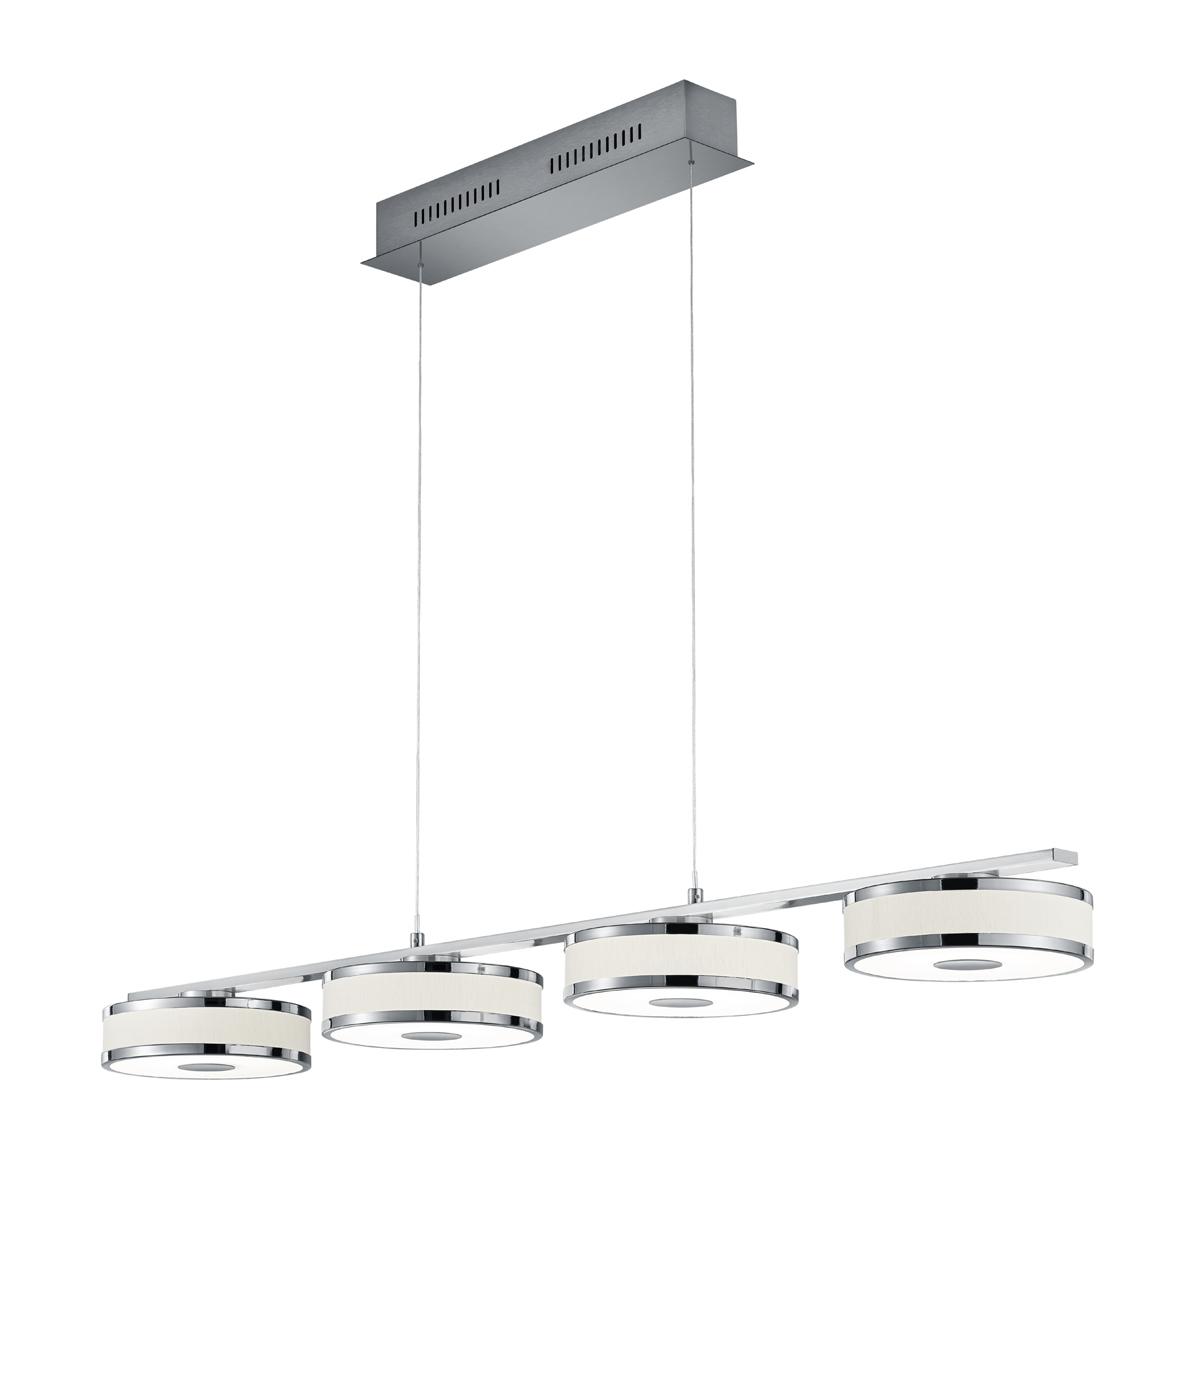 Trio 378010407 Agento LED lámpa függeszték